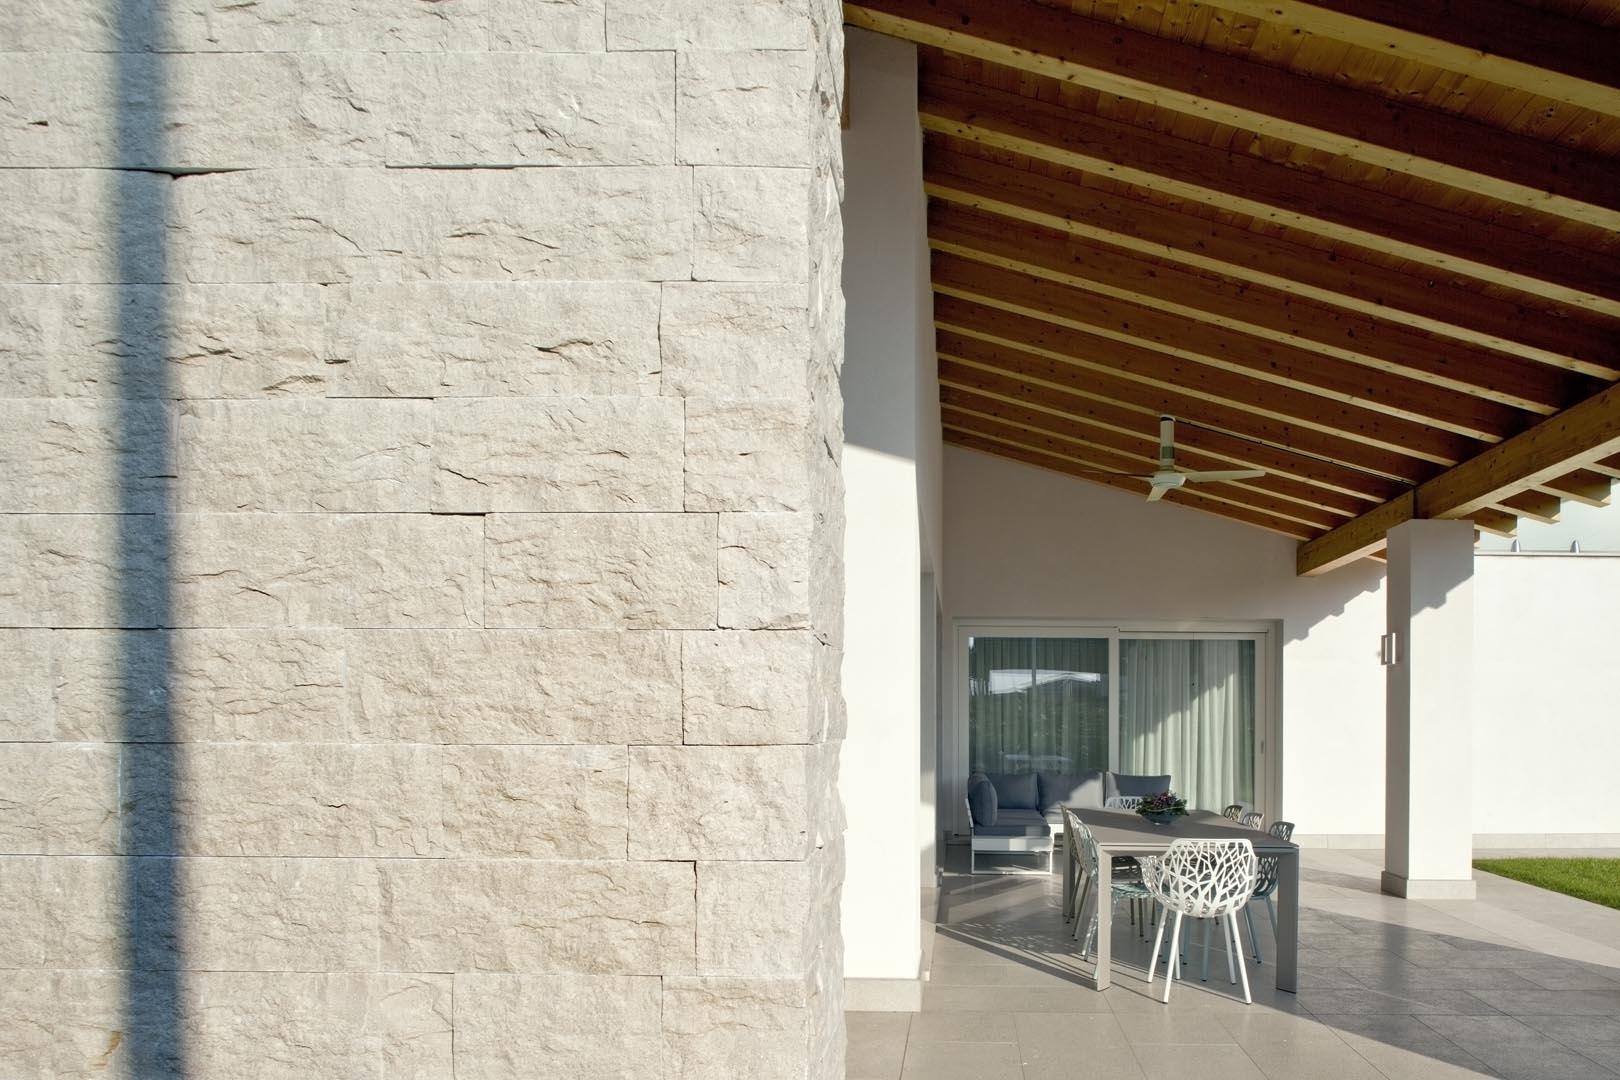 Dettaglio muro in Marmo Grigio Olivo di una villa